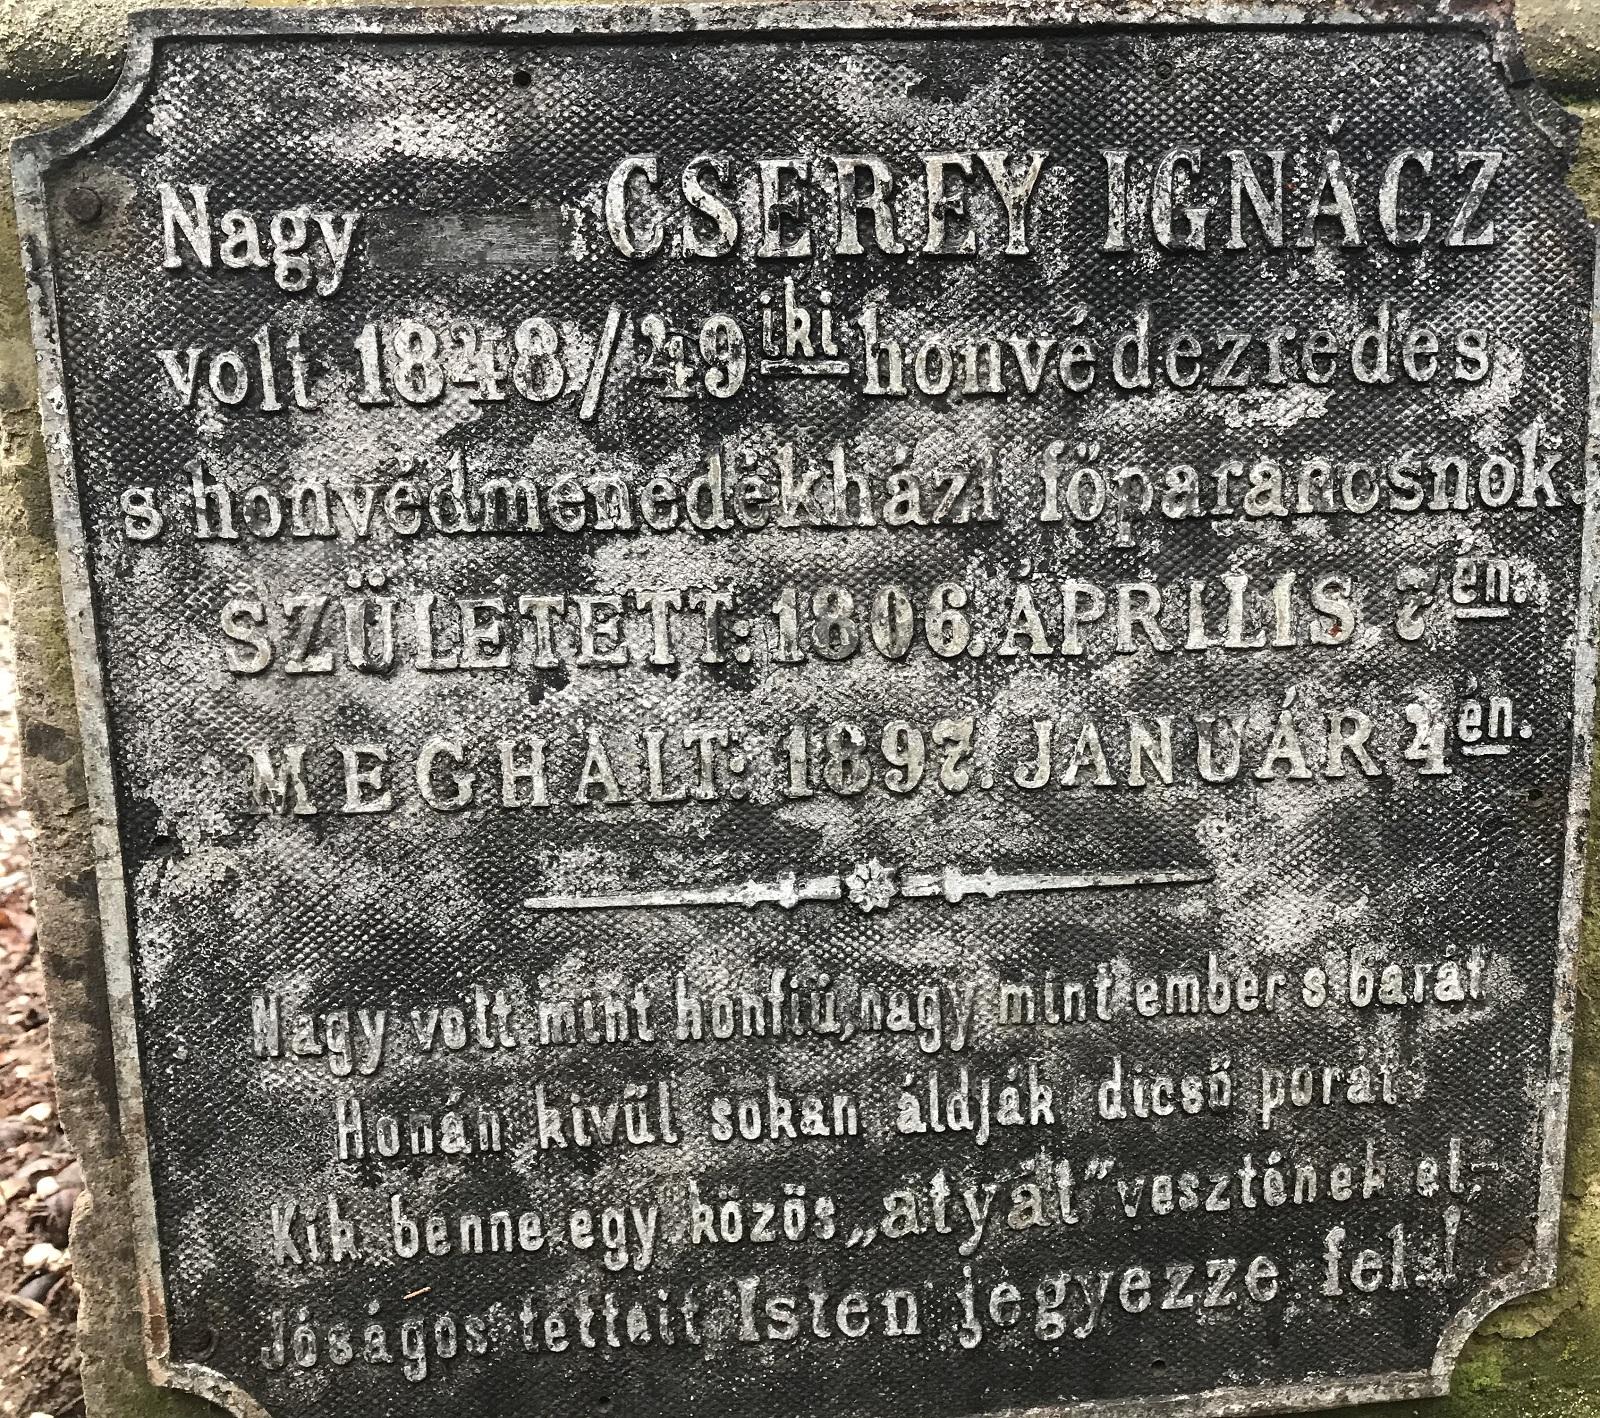 Cserey Ignác sírfelirata Egerben, a Hatvani Temetőben